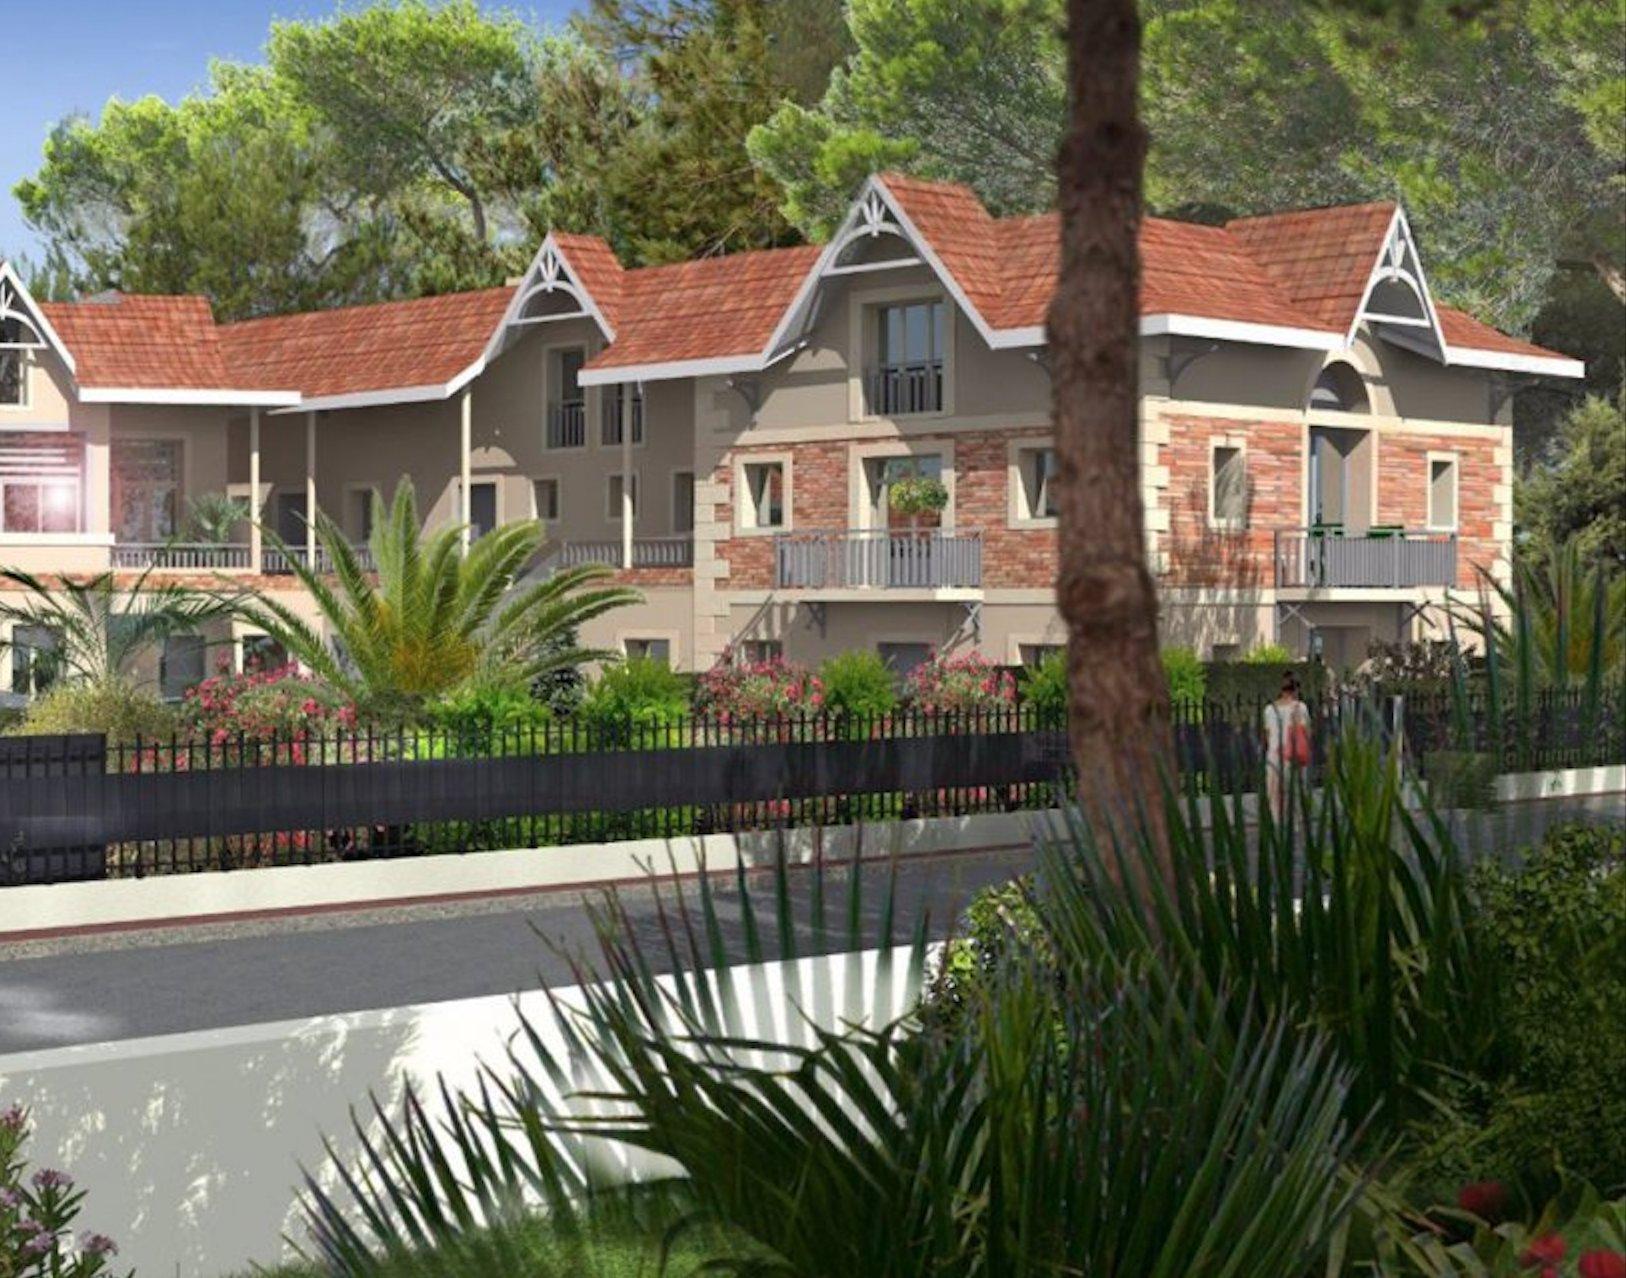 Appartement en duplex neuf 100 m2 avec mezzanine a vendre ARCACHON LE MOULLEAU